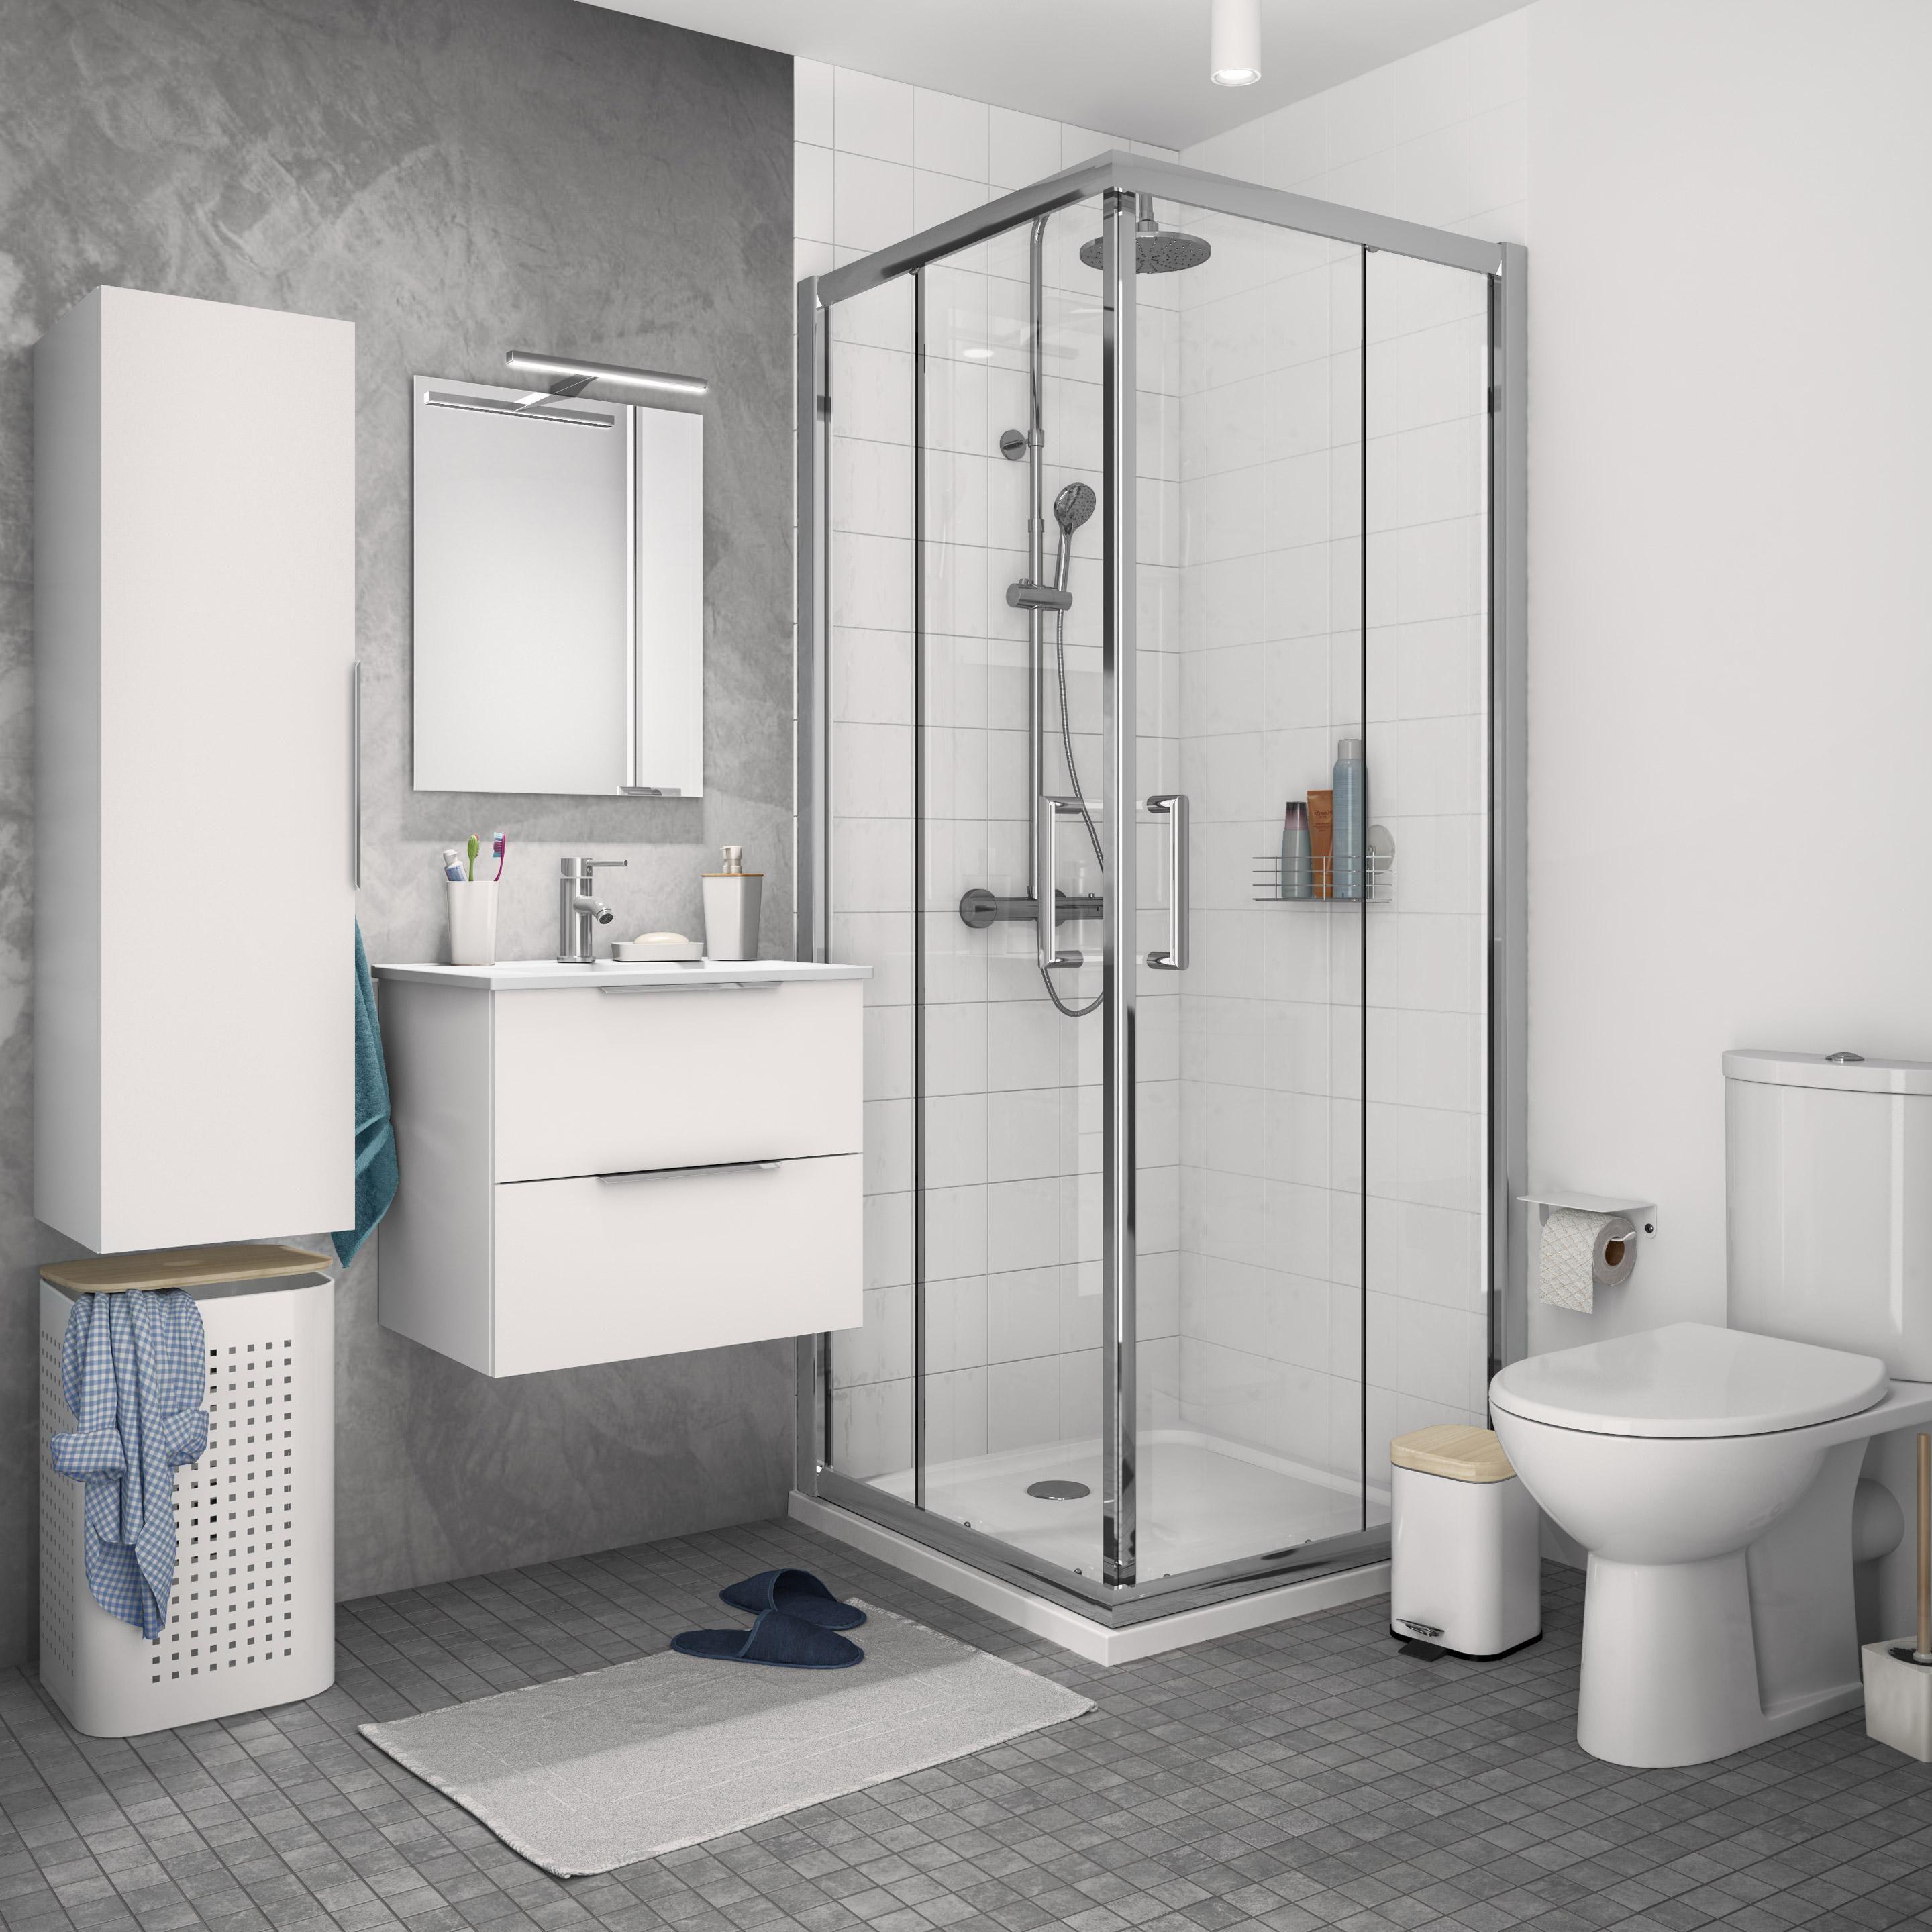 Bains Blanc Essential H53 L59 Meuble P441 Salle Sensea Meuble De Salle De Bains L 59 X H 53 X P 44 Bathroom Design Layout Bathroom Vanity Makeup Rooms